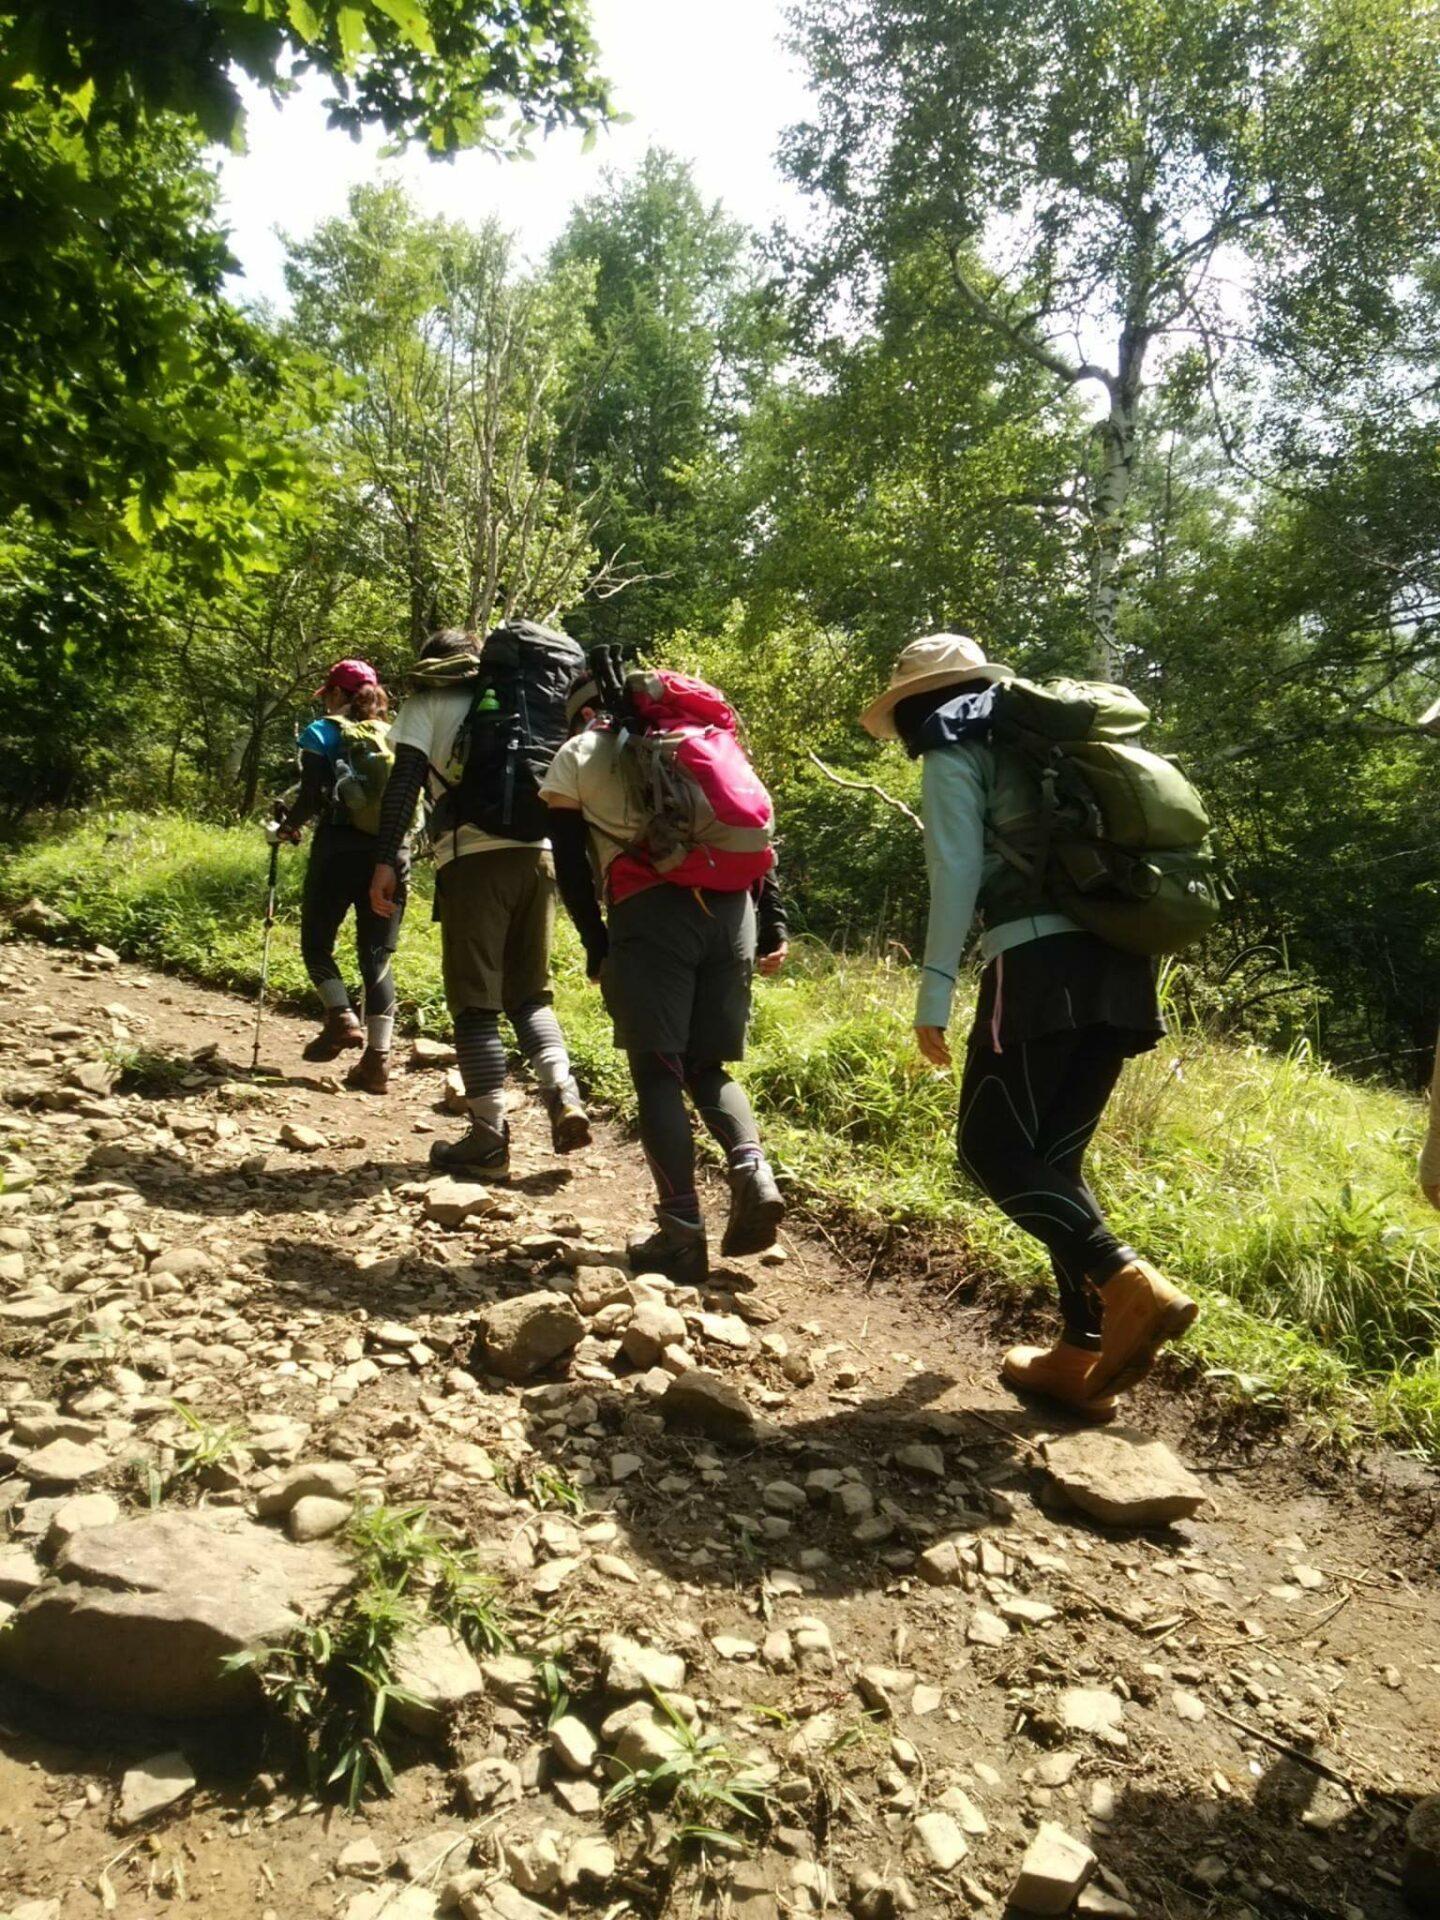 大菩薩嶺へ登りました。猛暑日でしたがさすがに標高2000mの山は涼しかったです。